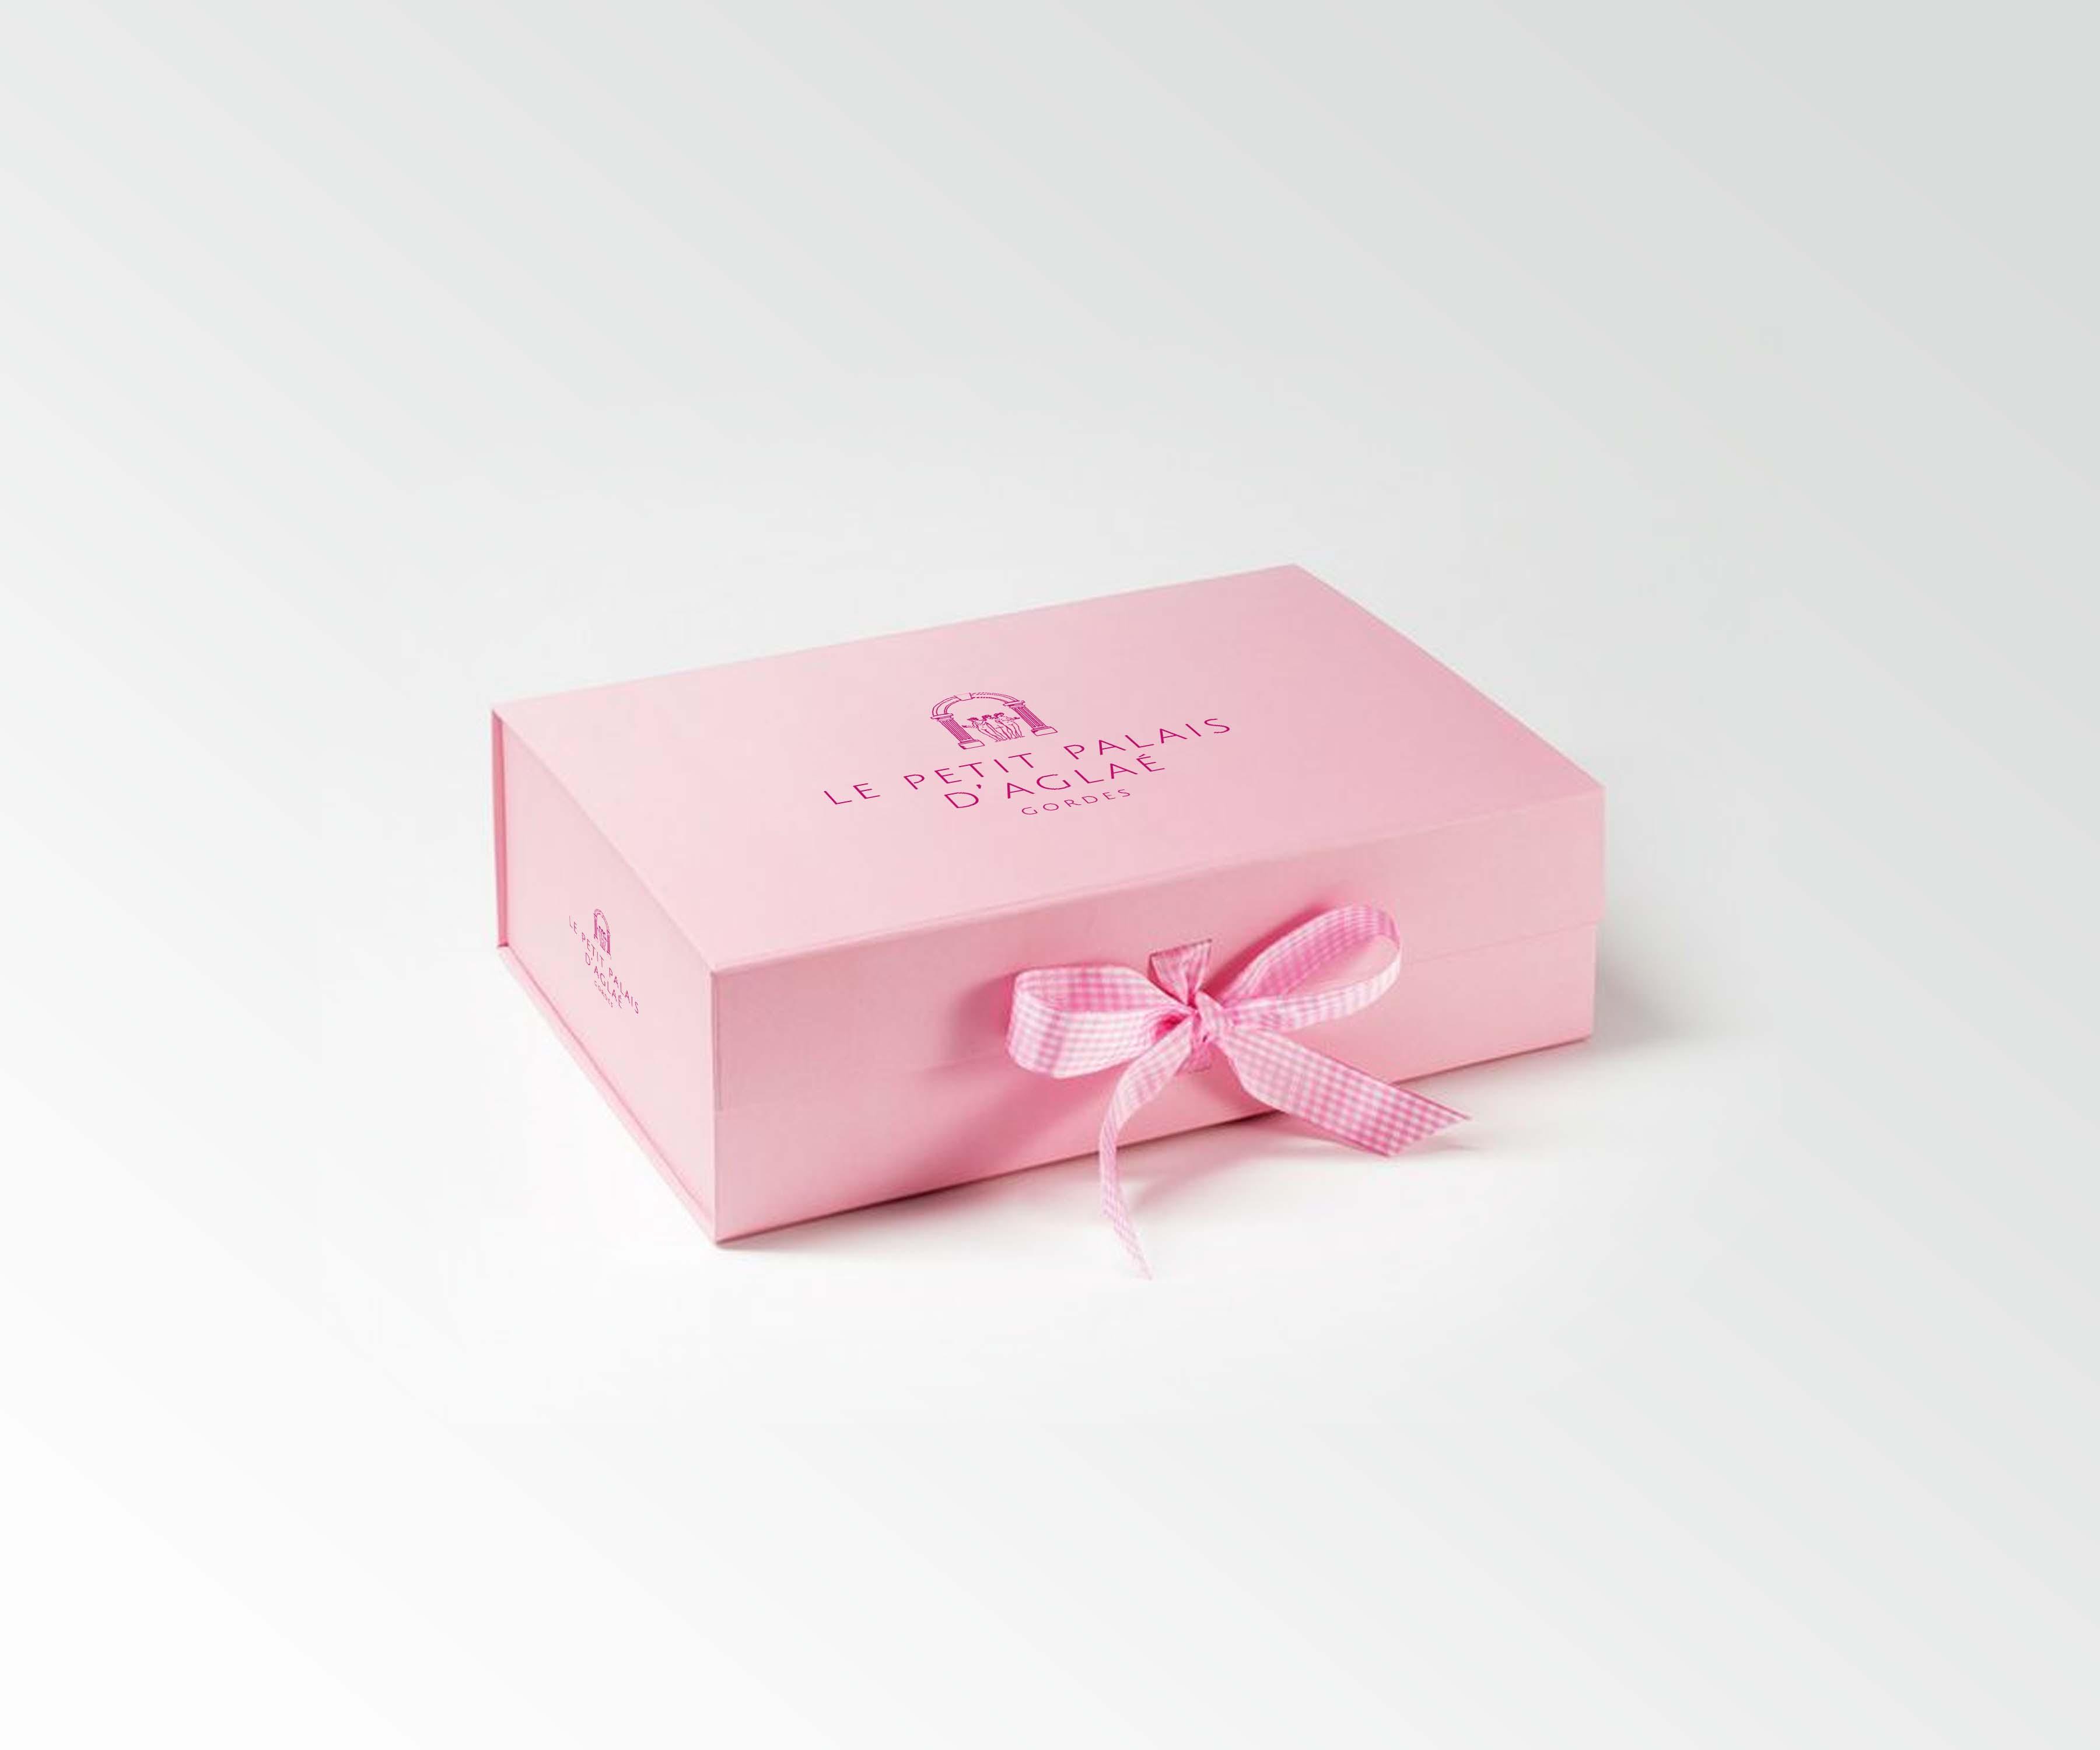 Envie de faire plaisir pour Noël, offrez un coffret cadeau pour un séjour à Gordes au Petit Palais d'Aglaé, hôtel de charme 4 étoiles, SPa et restaurant.